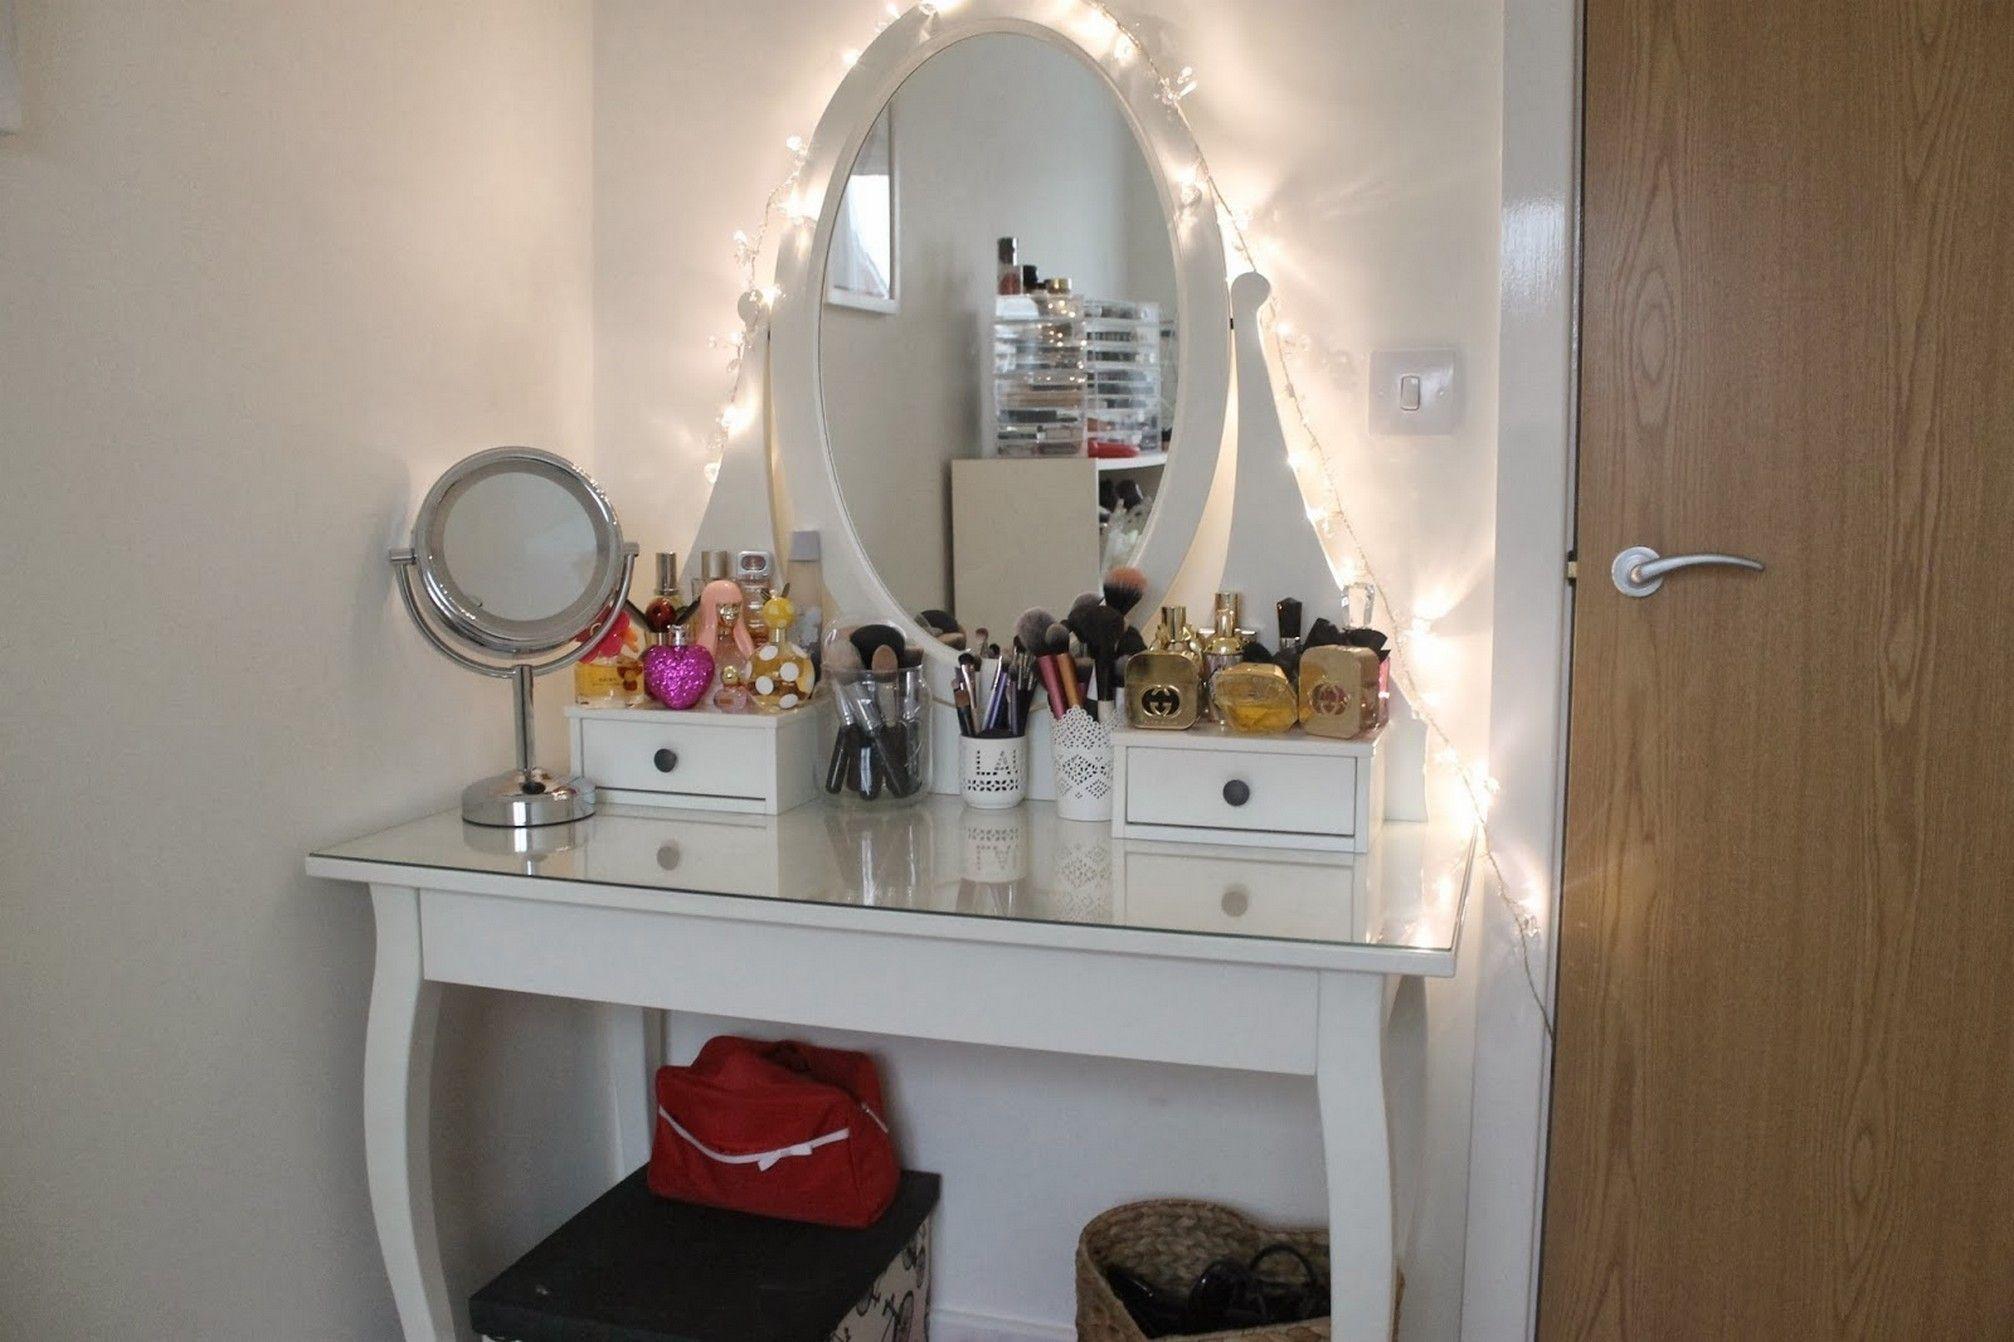 Herausragende Schminktisch Mit Spiegel Licht Arrounds #Badezimmer ...